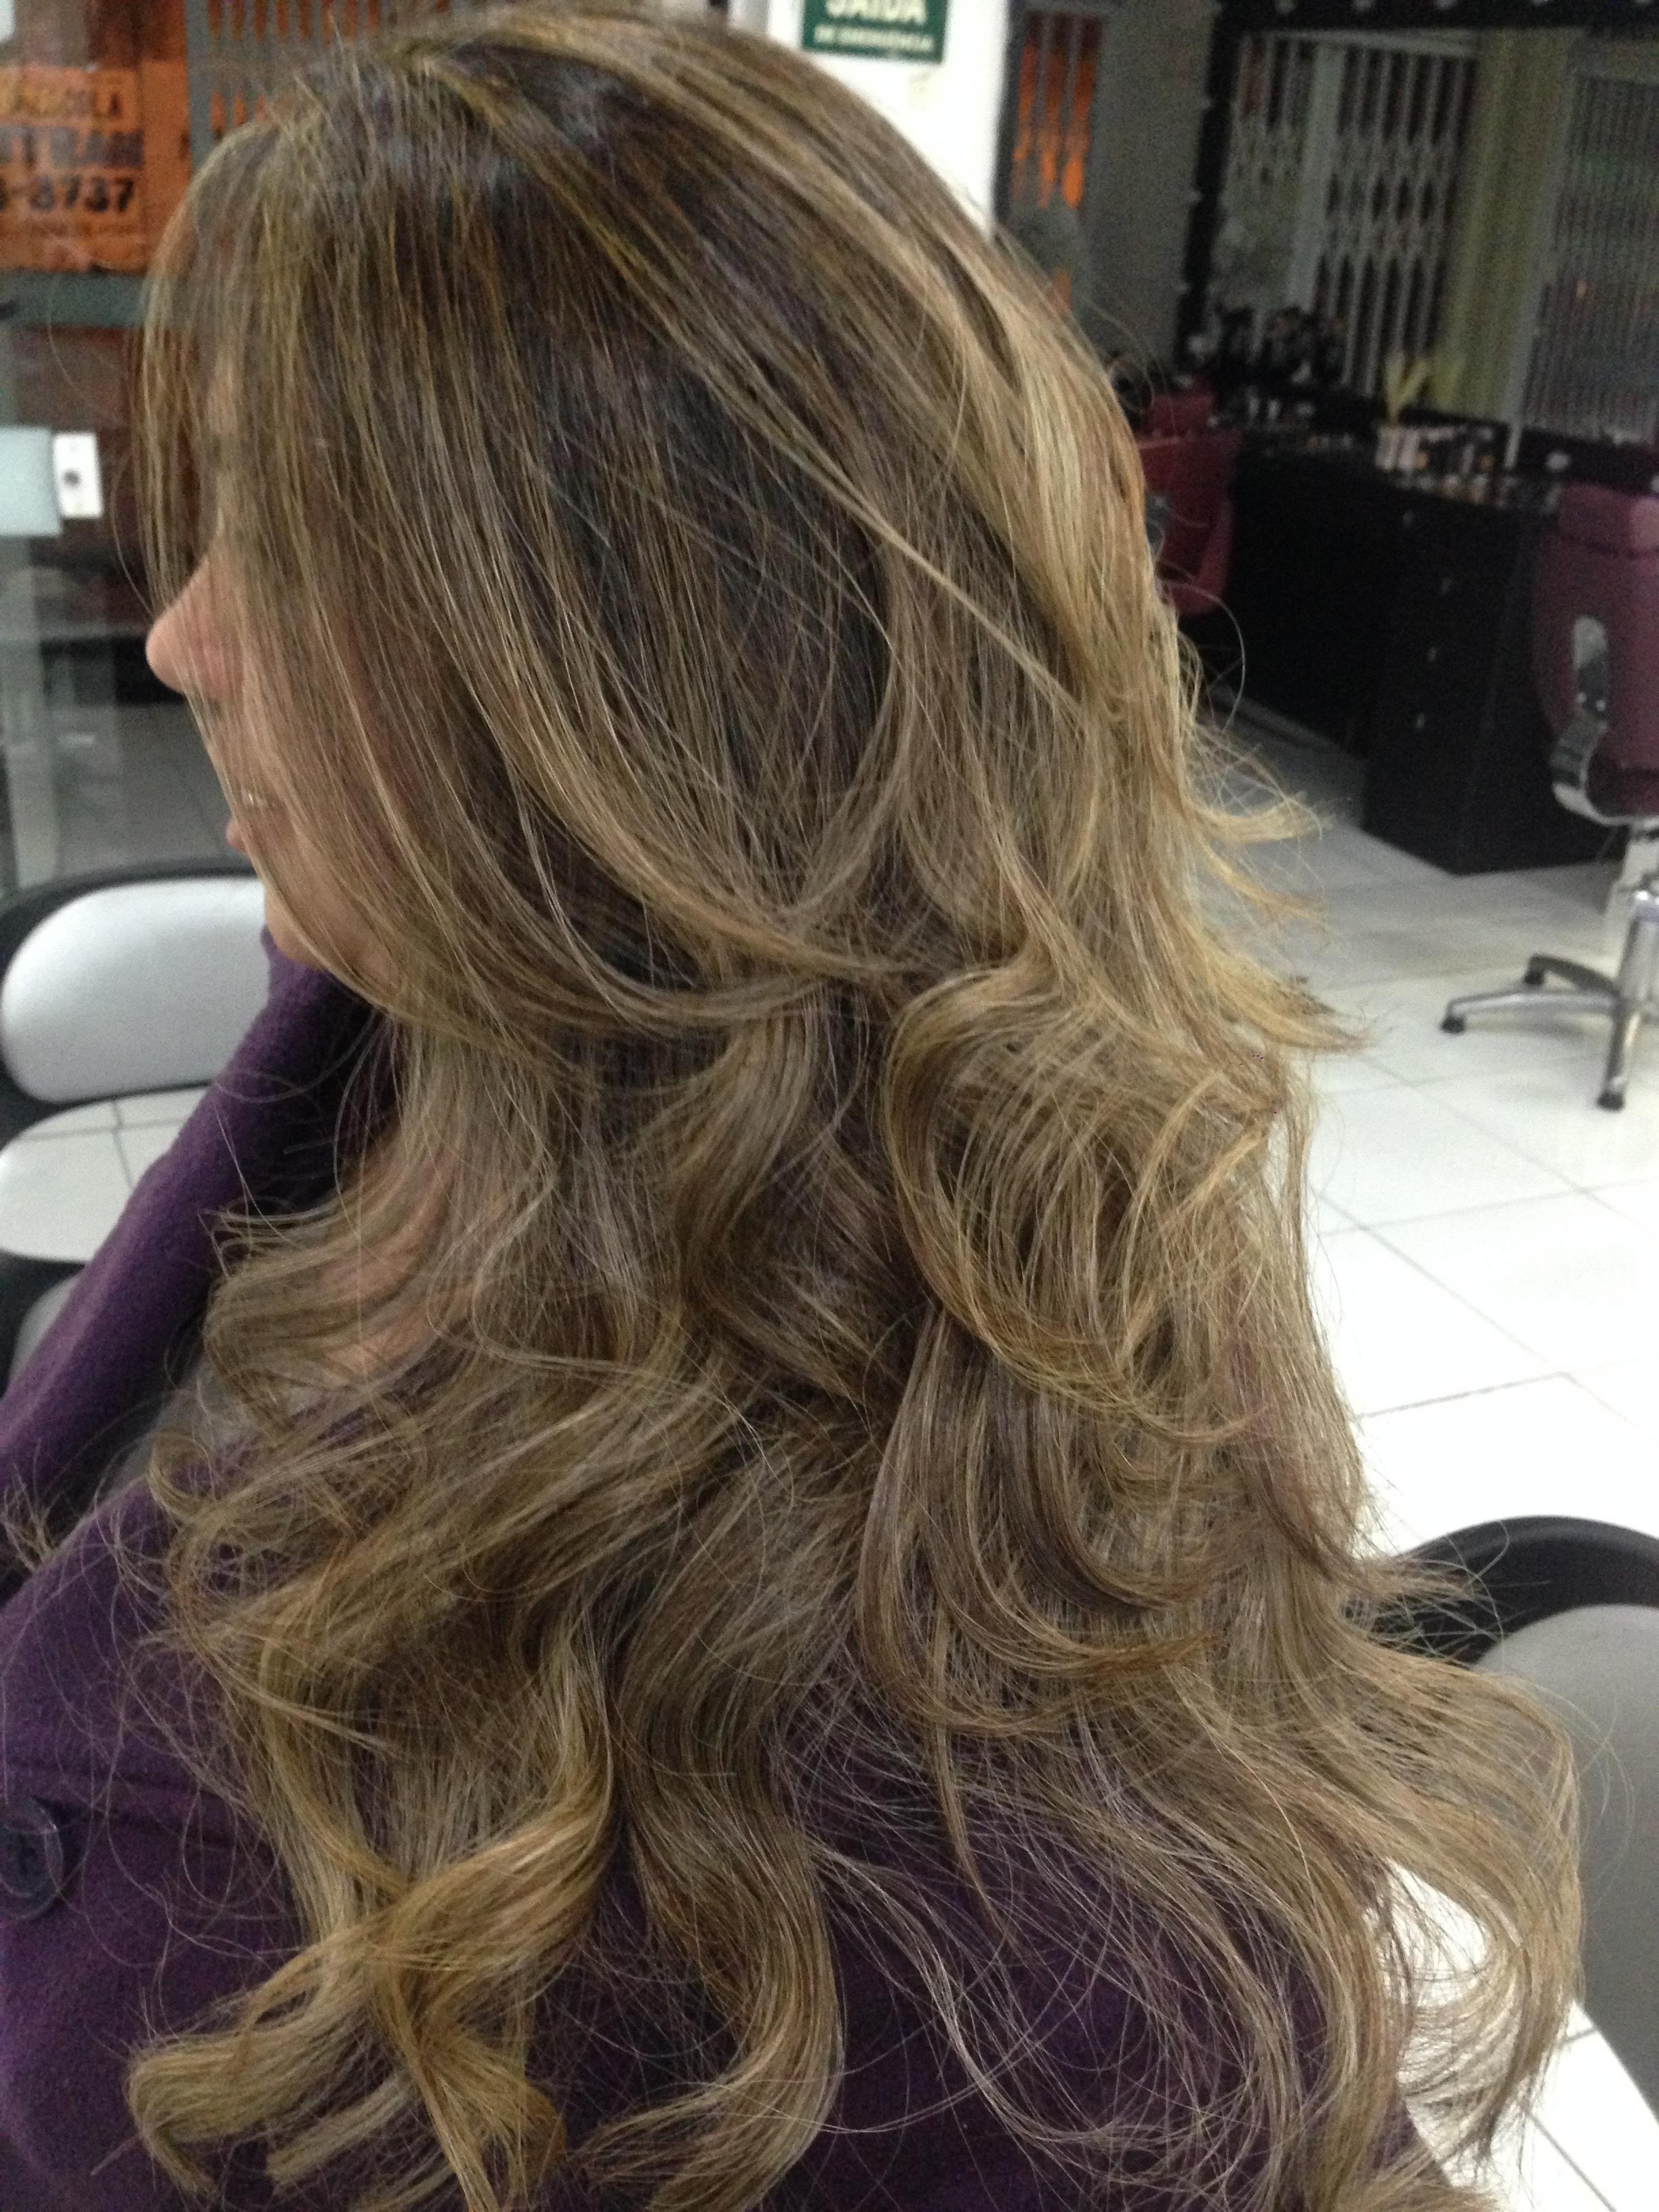 Mechas em tom de mel 🙂 cabelo cabeleireiro(a)